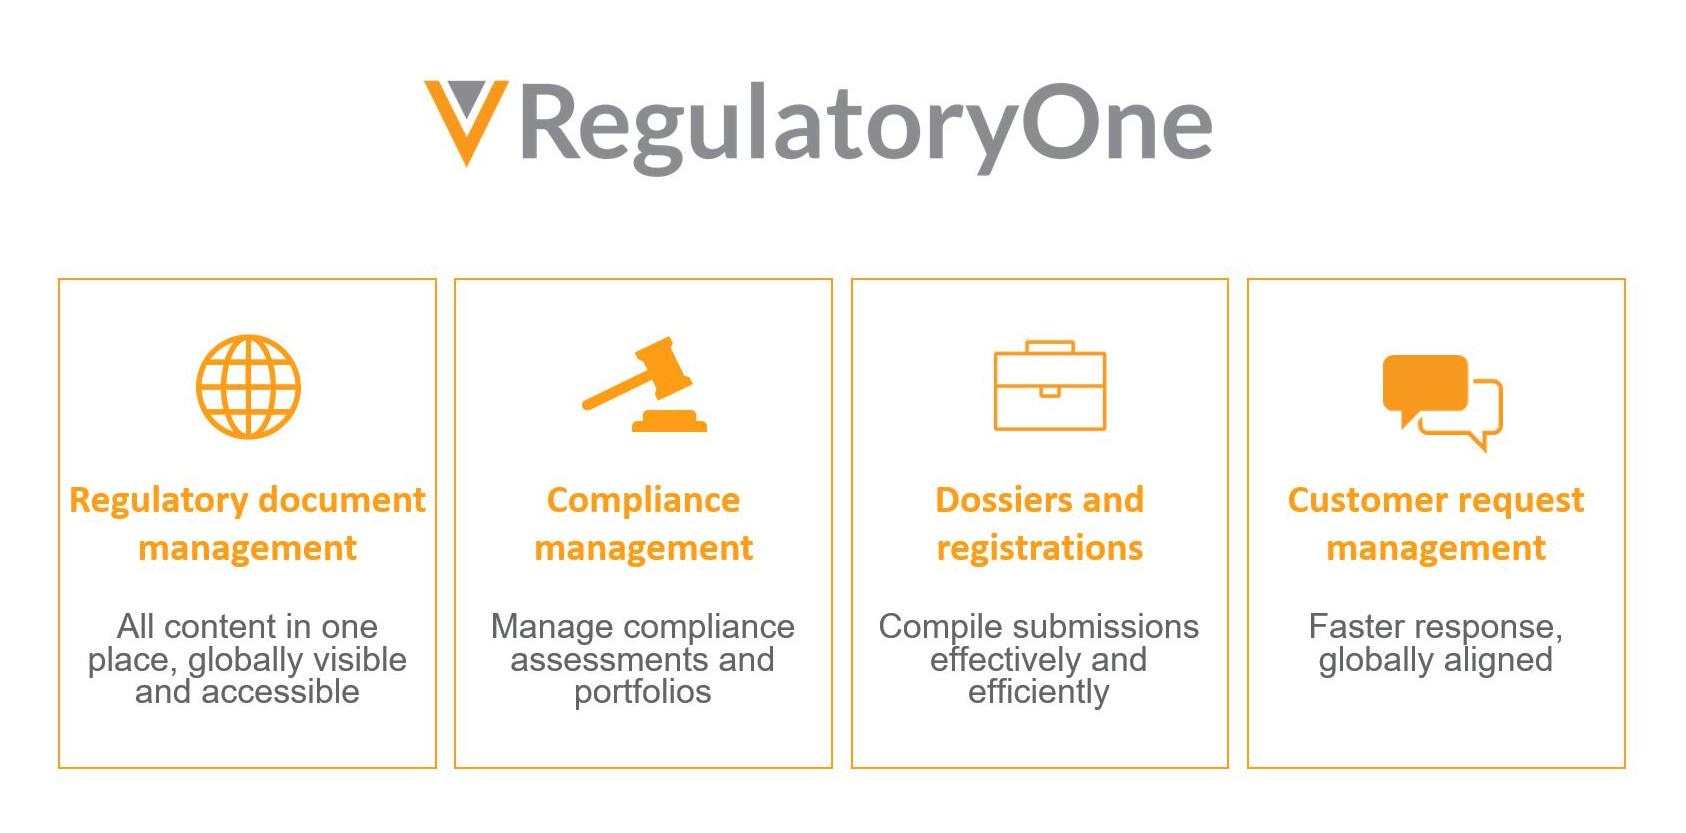 RegulatoryOne Graphic